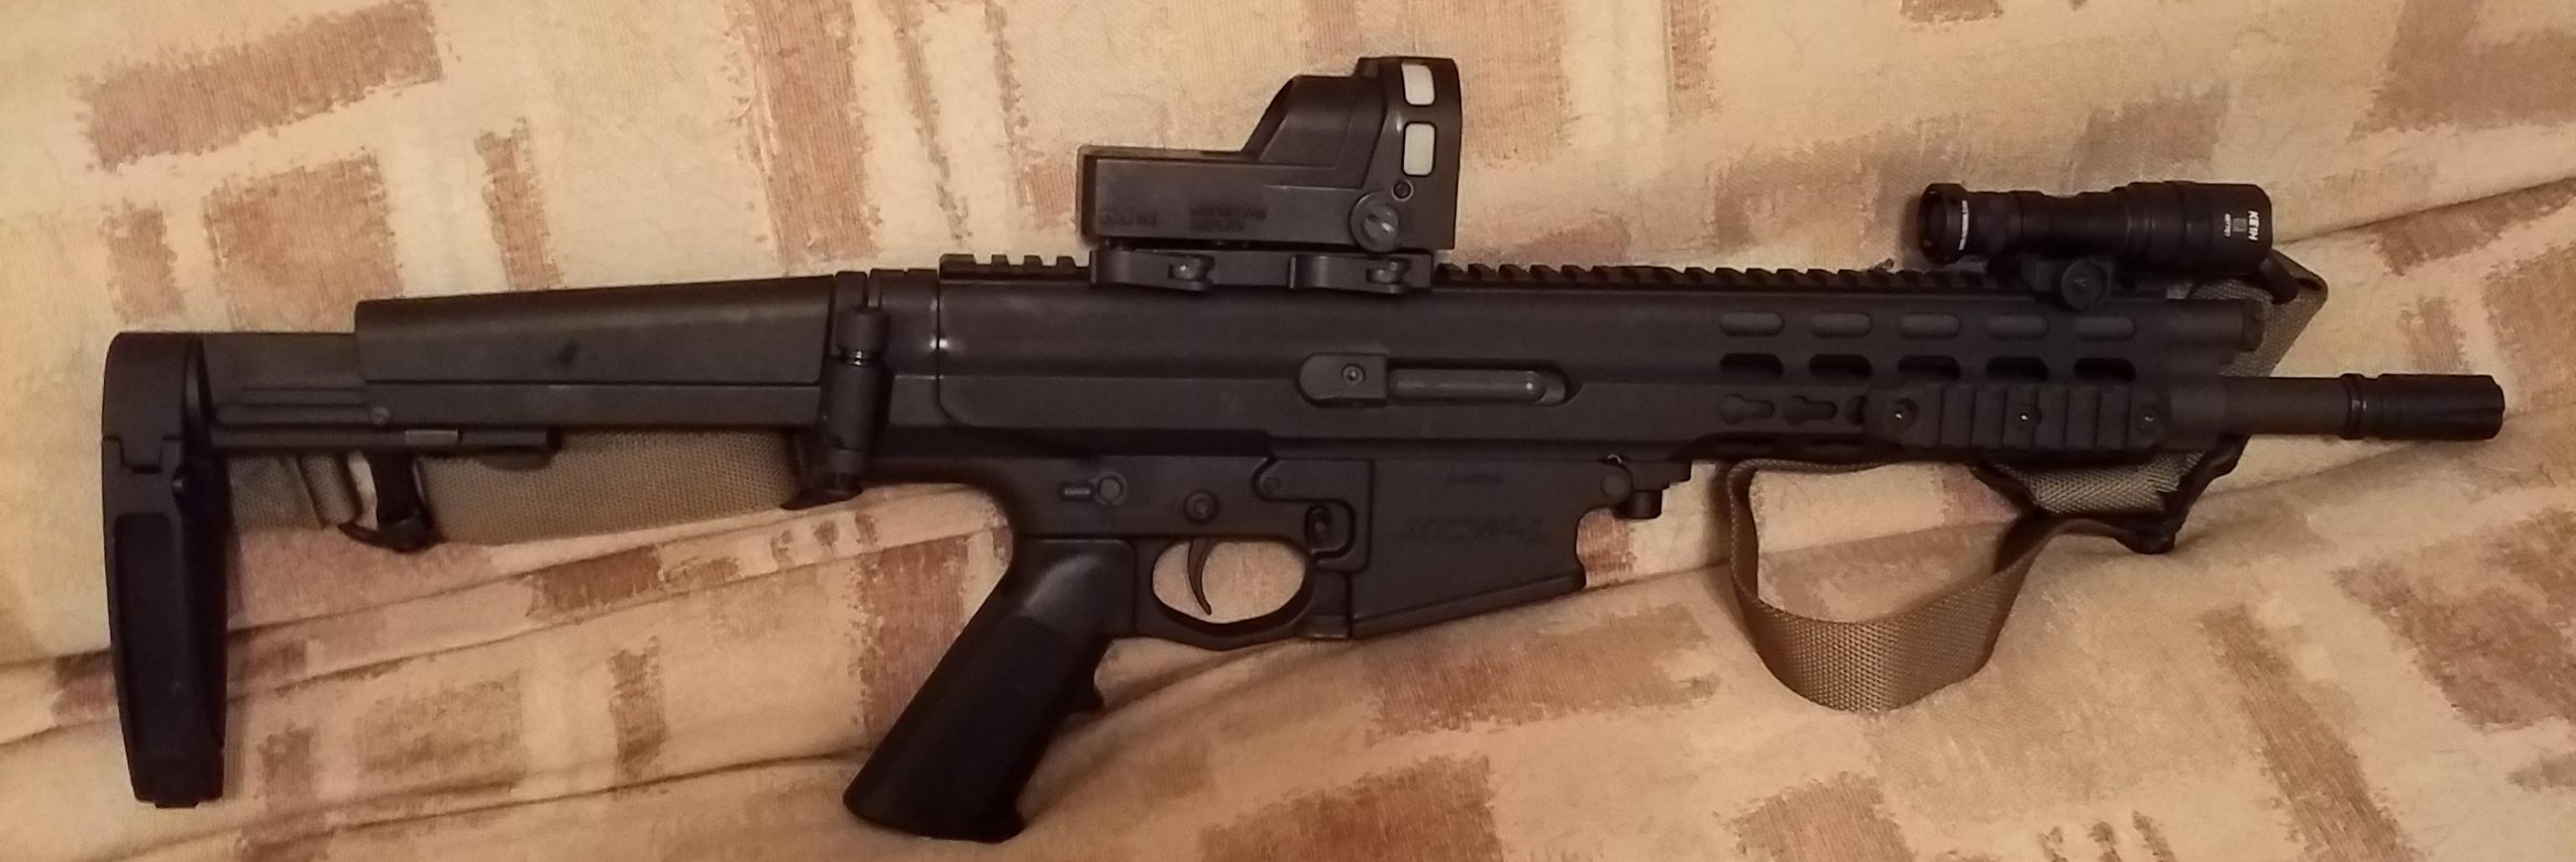 2009 xcr problem free at last-xcr_pistol.jpg